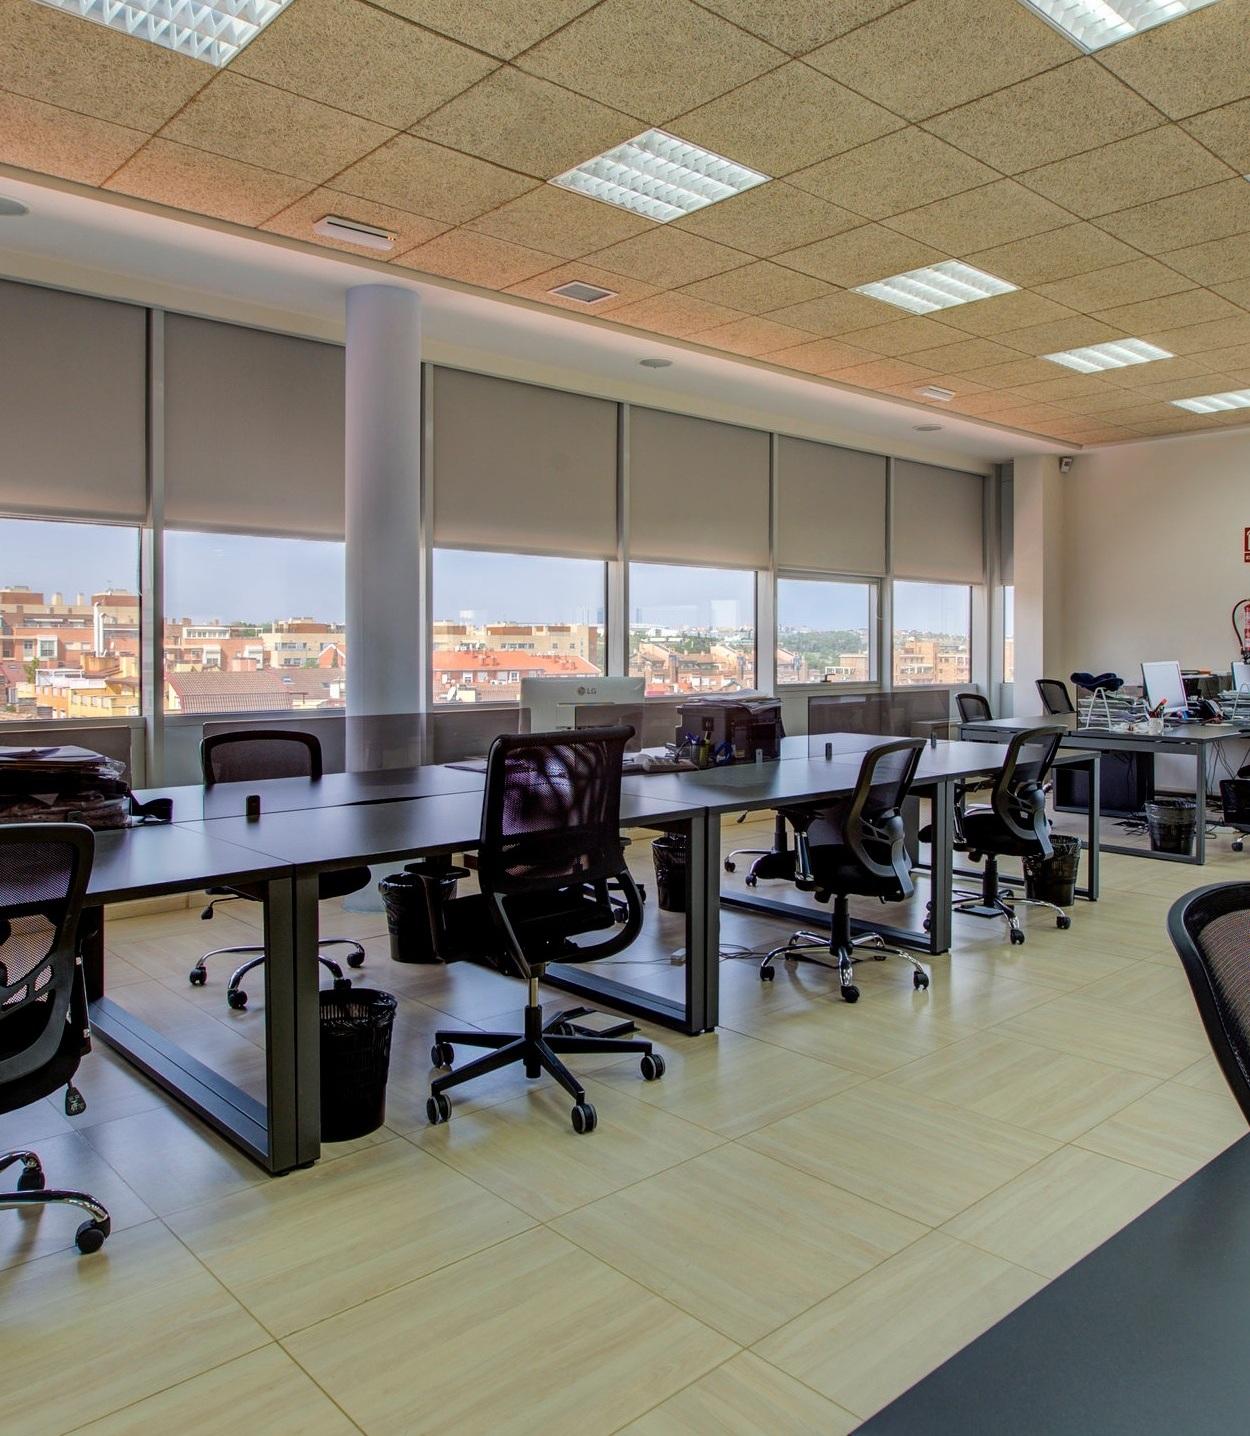 Coworking - Nuestro espacio de coworking está compuesto por 30 puestos de trabajo equipados con el mobiliario necesario para el día a día.Si eliges el coworking como lugar de trabajo, podrás disponer si lo deseas del resto de servicios de Bahía Space beneficiándote de precios especiales por ser cliente. ______________________________Desde€190/mesVer galería